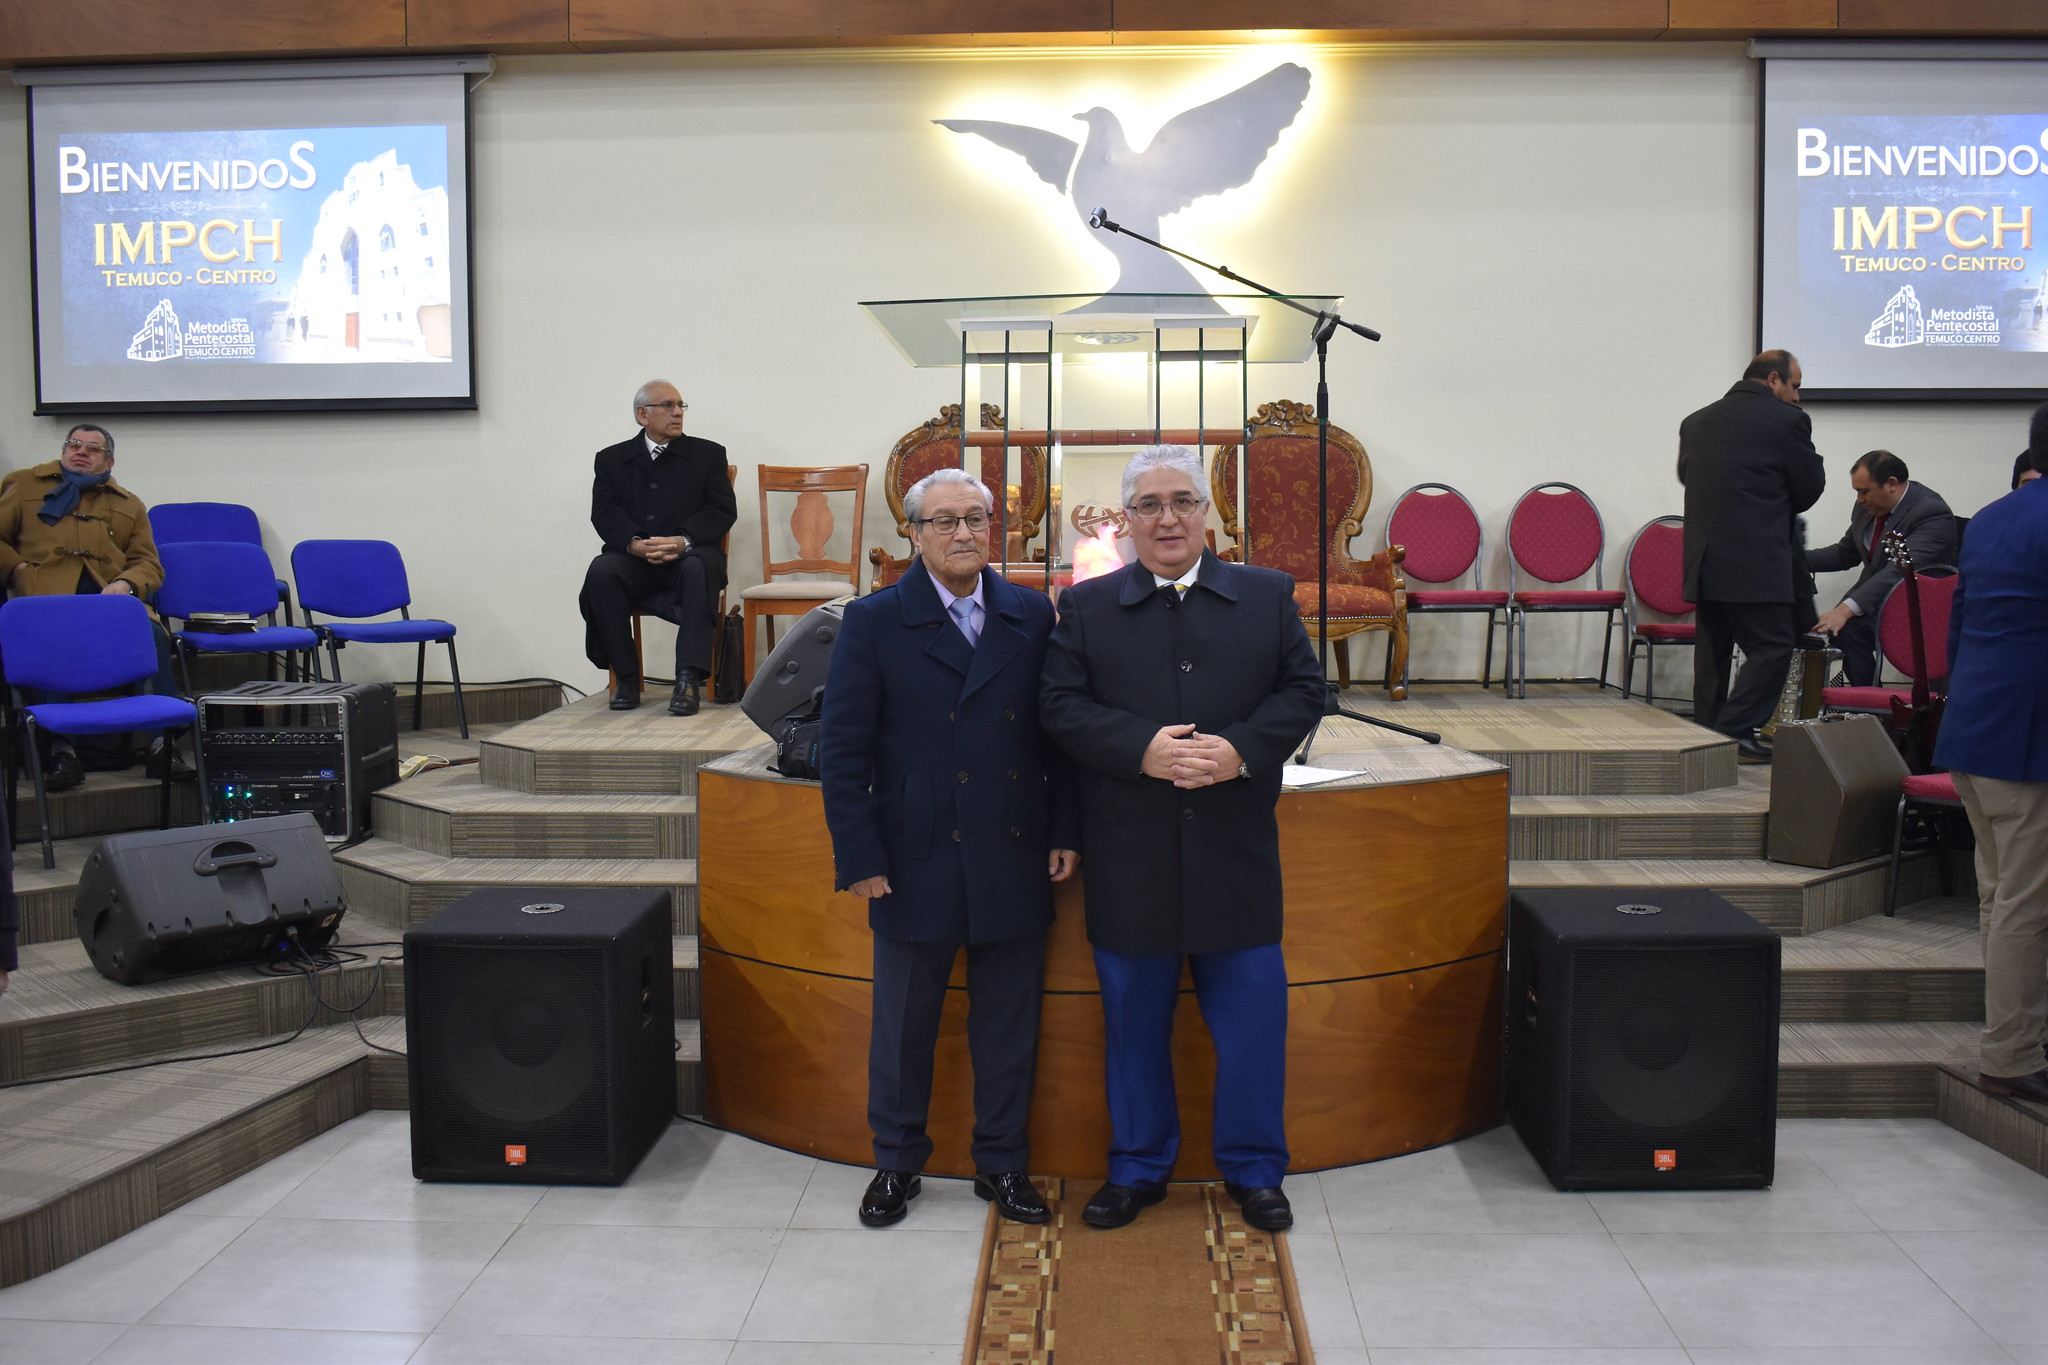 Encuentro de Voluntarios Sector 19 en Iglesia de Temuco Centro